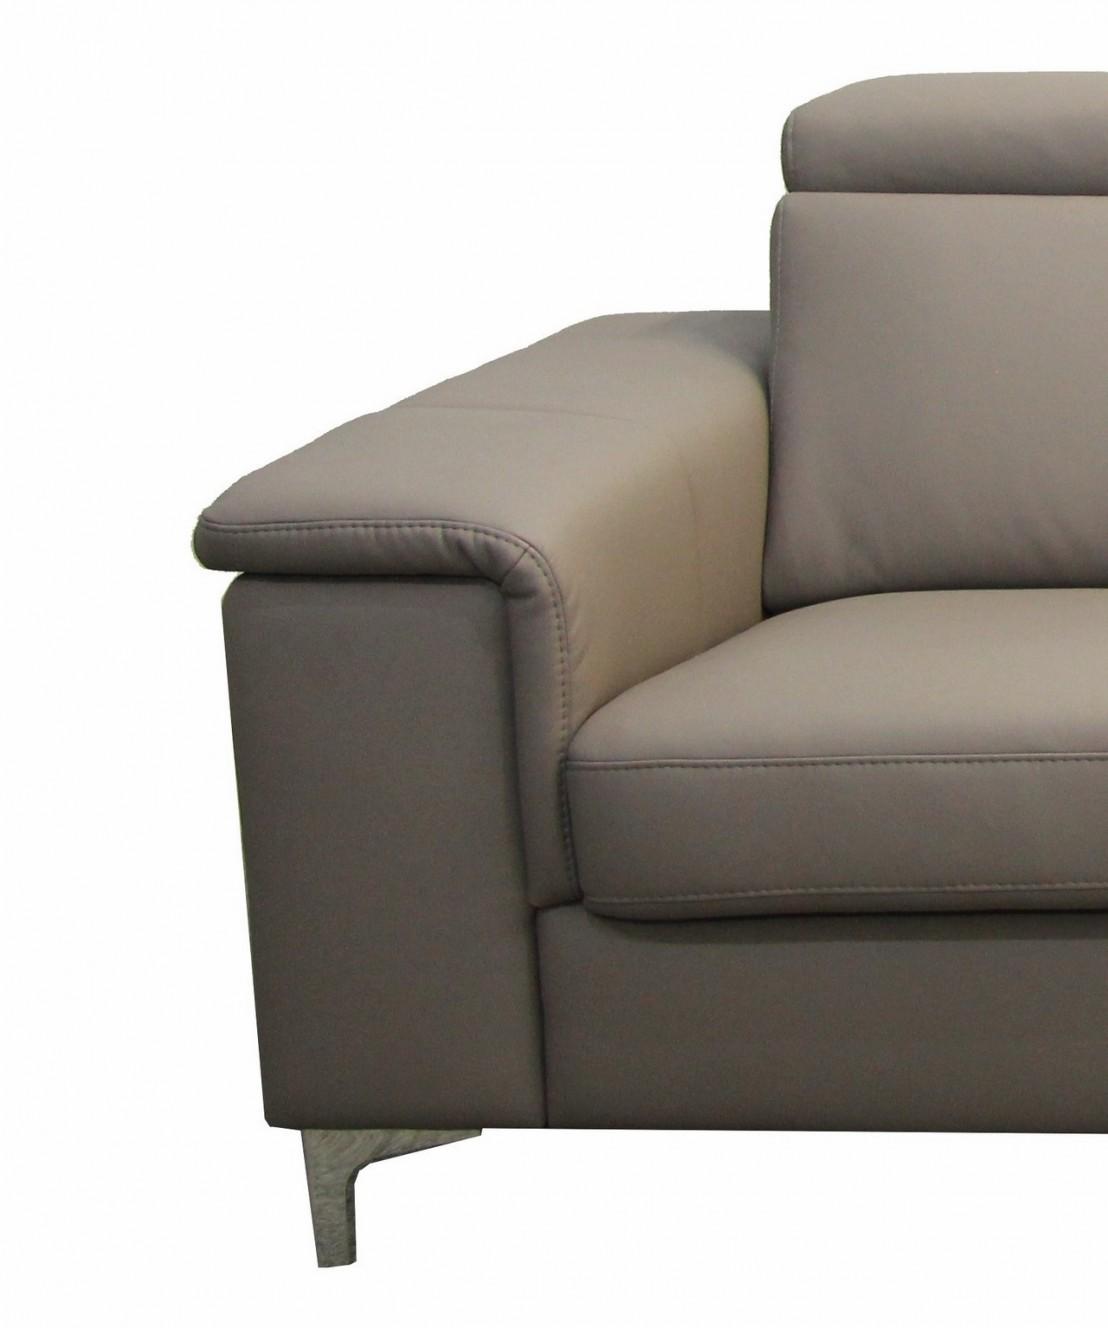 petit canap d 39 angle 5 places cuir ou tissu kayle livraison gratuite. Black Bedroom Furniture Sets. Home Design Ideas